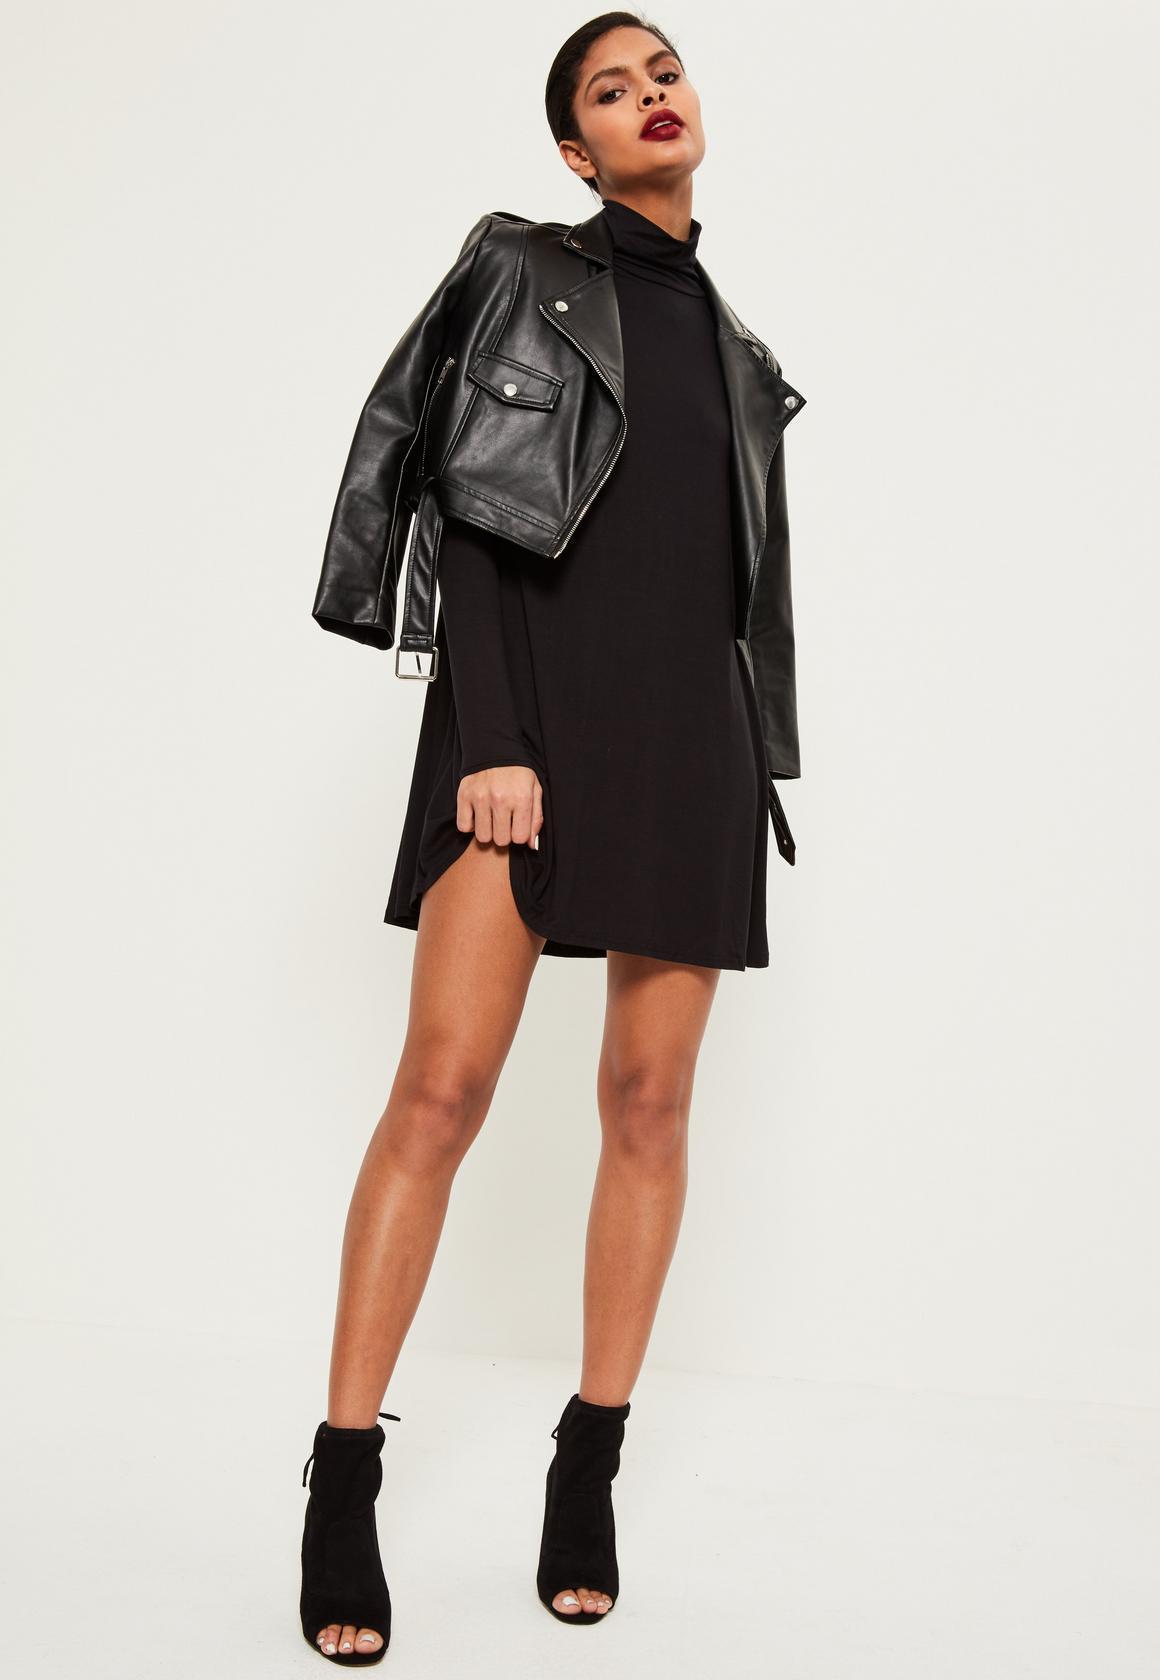 Hervorragend Schwarzes Kleid Stiefel Wie Schwingendes Kleid